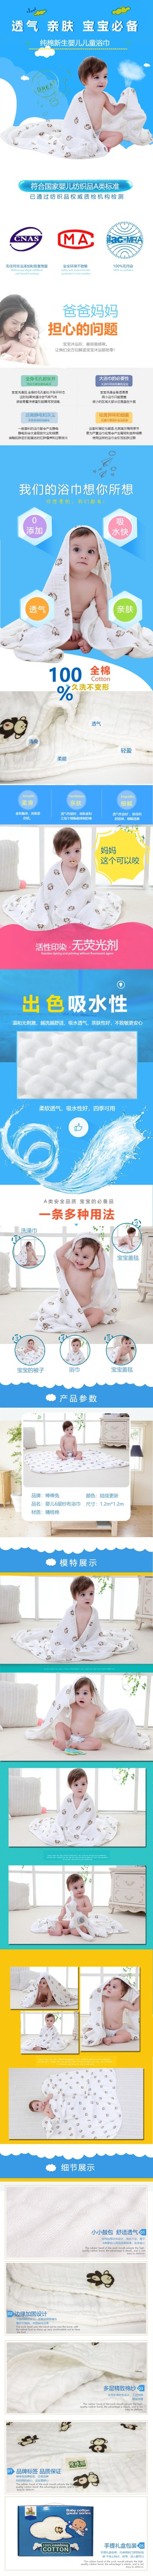 简约透气儿童浴巾电商详情页